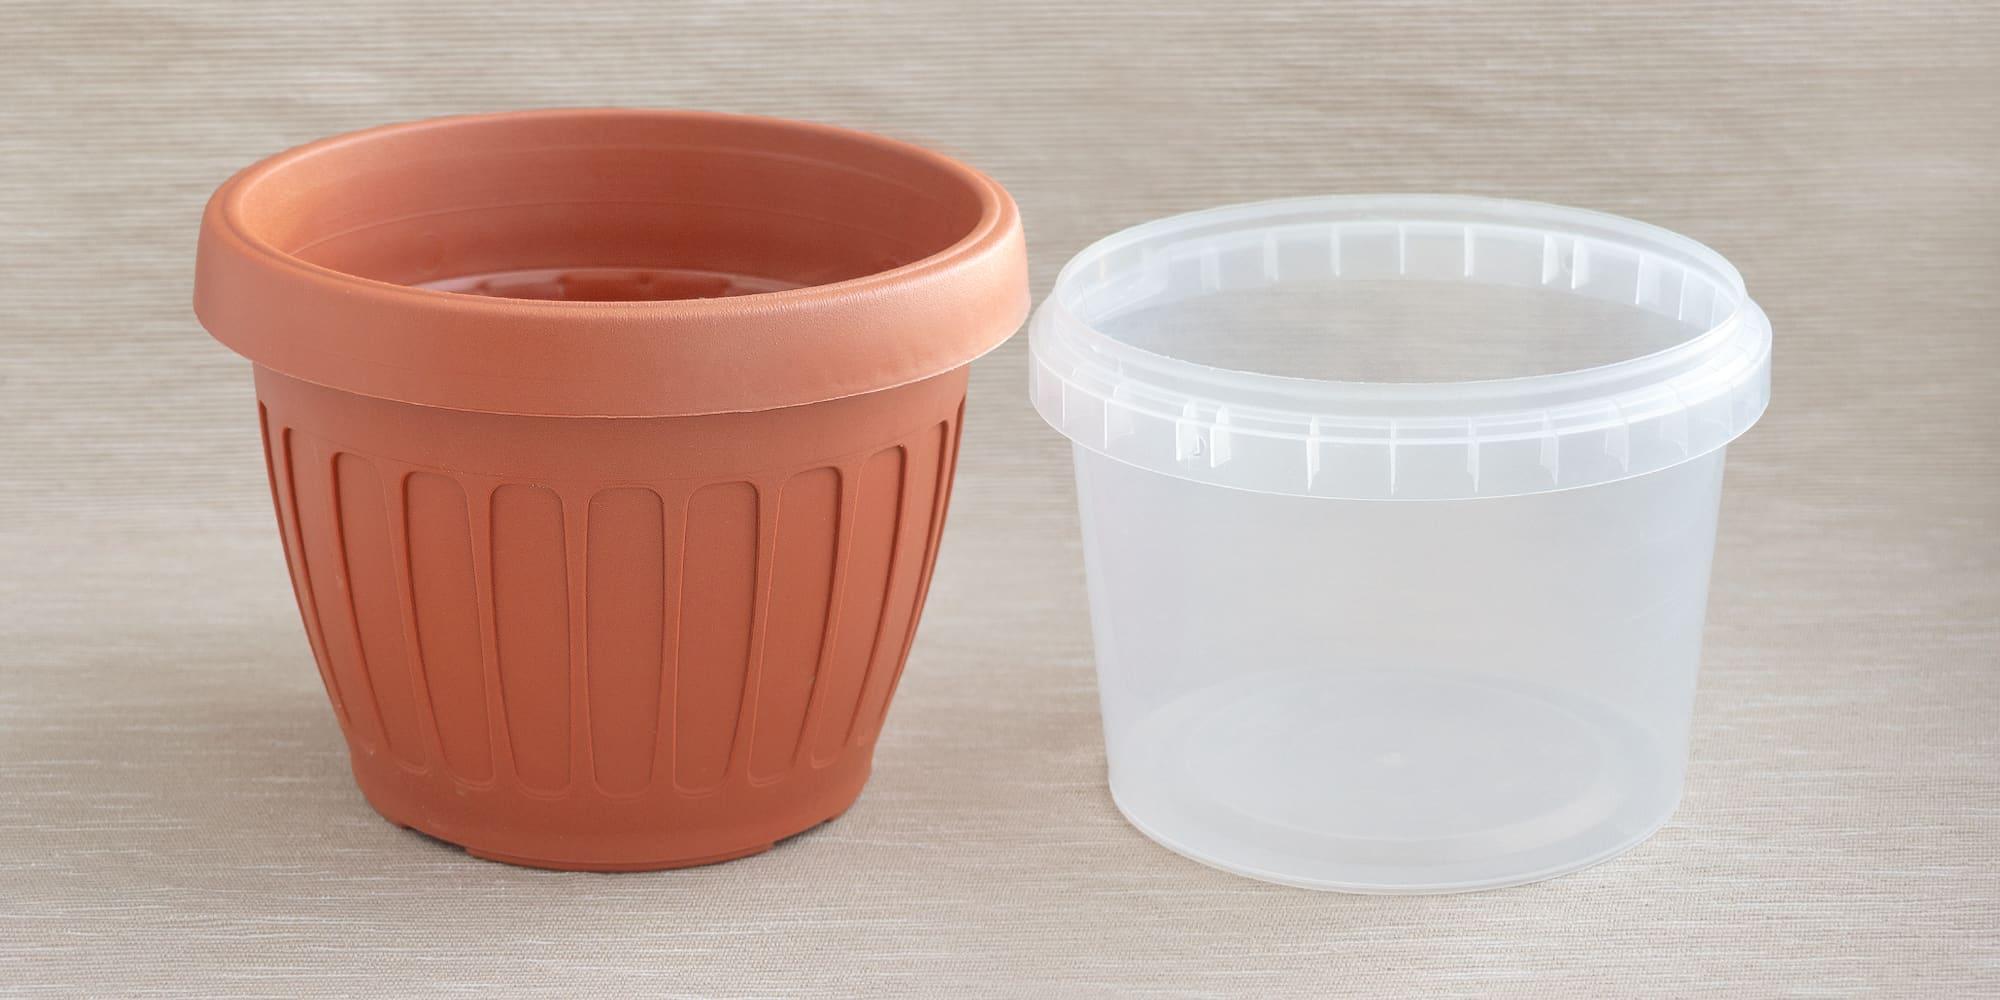 Исходный горшок и пластиковый контейнер